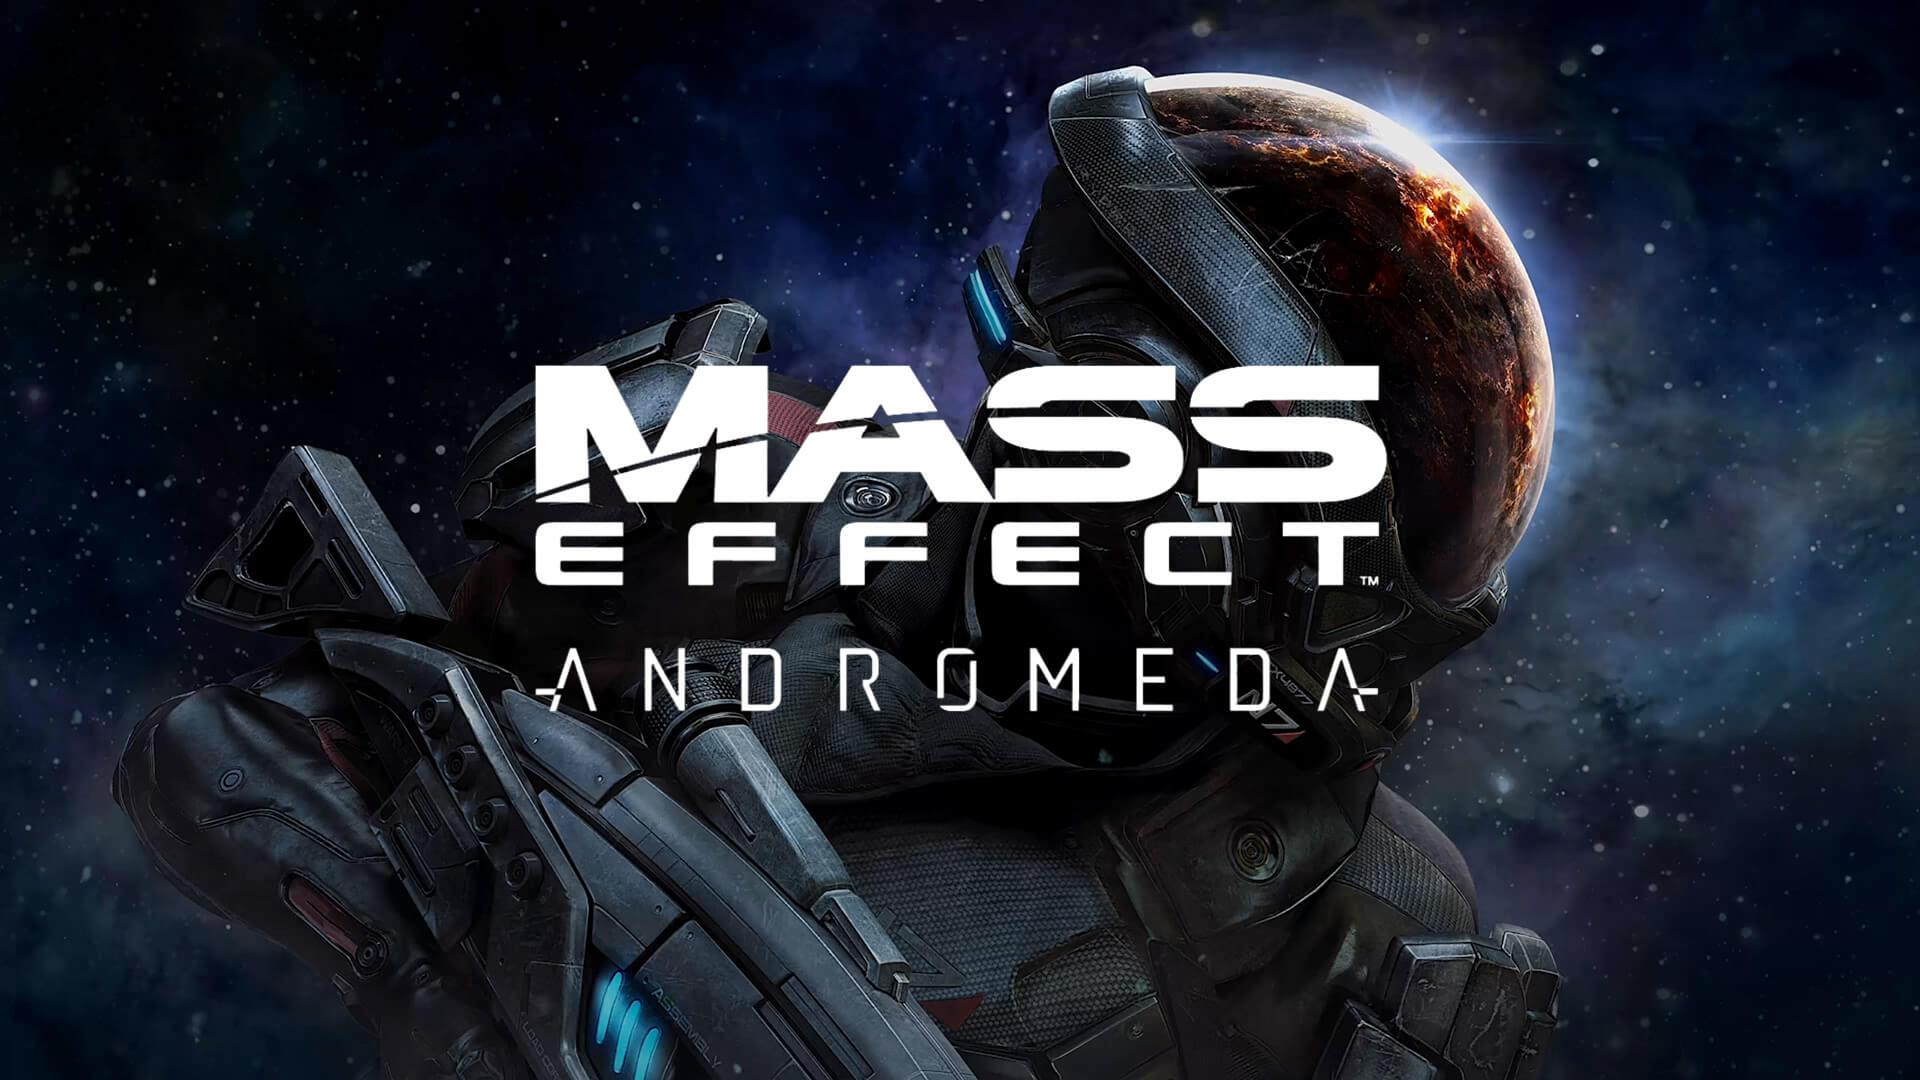 Обзор игры Mass Effect Andromeda: и снится нам не рокот космодрома